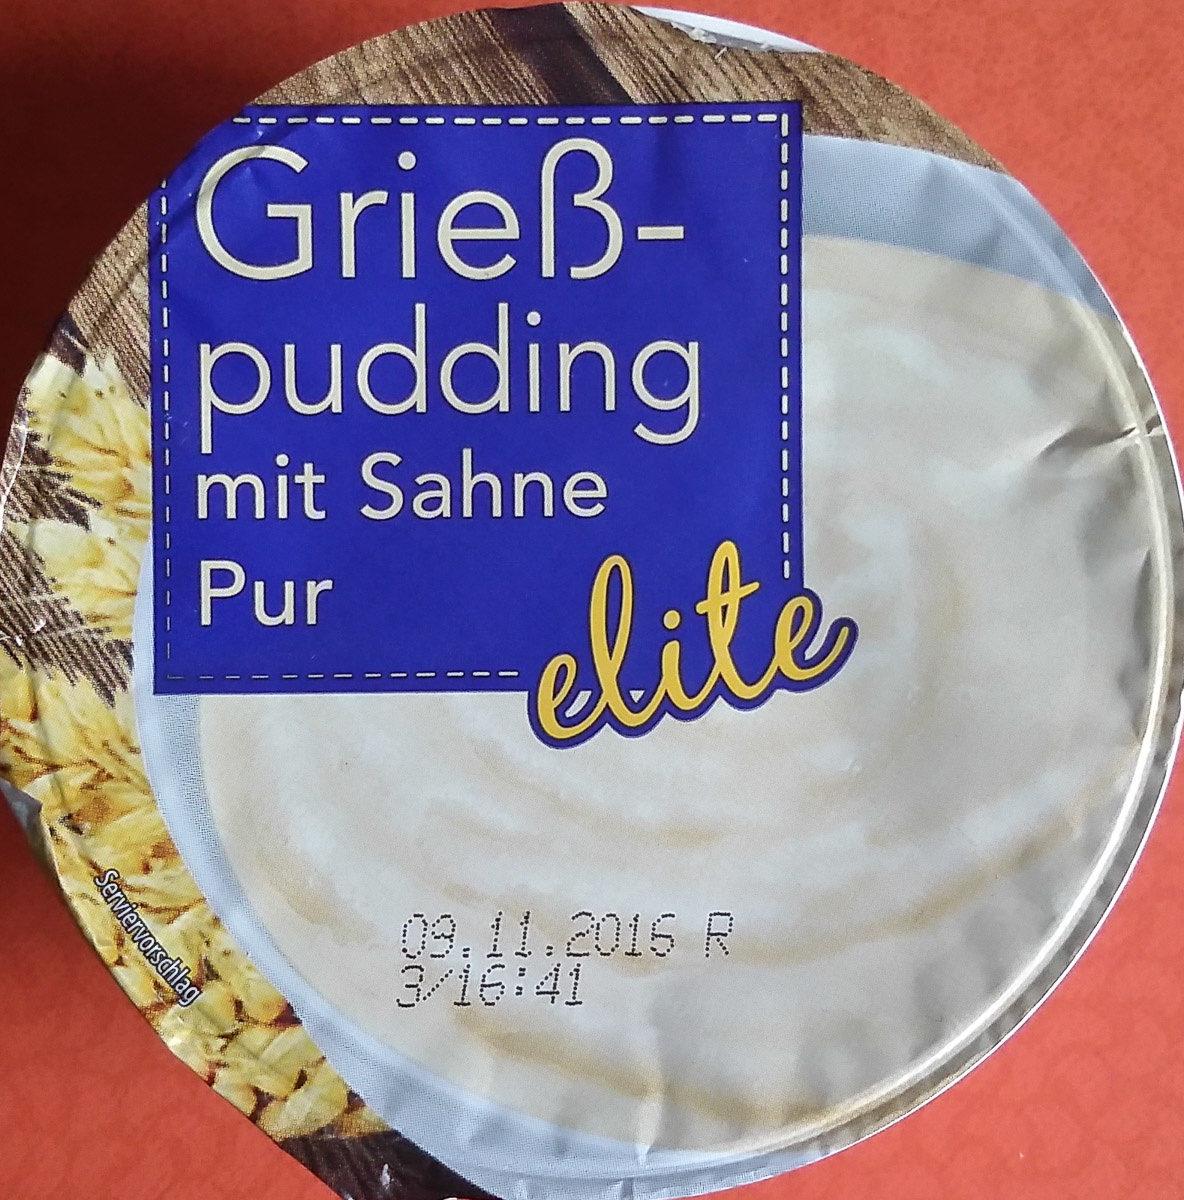 Grießpudding mit Sahne Pur - Produkt - de